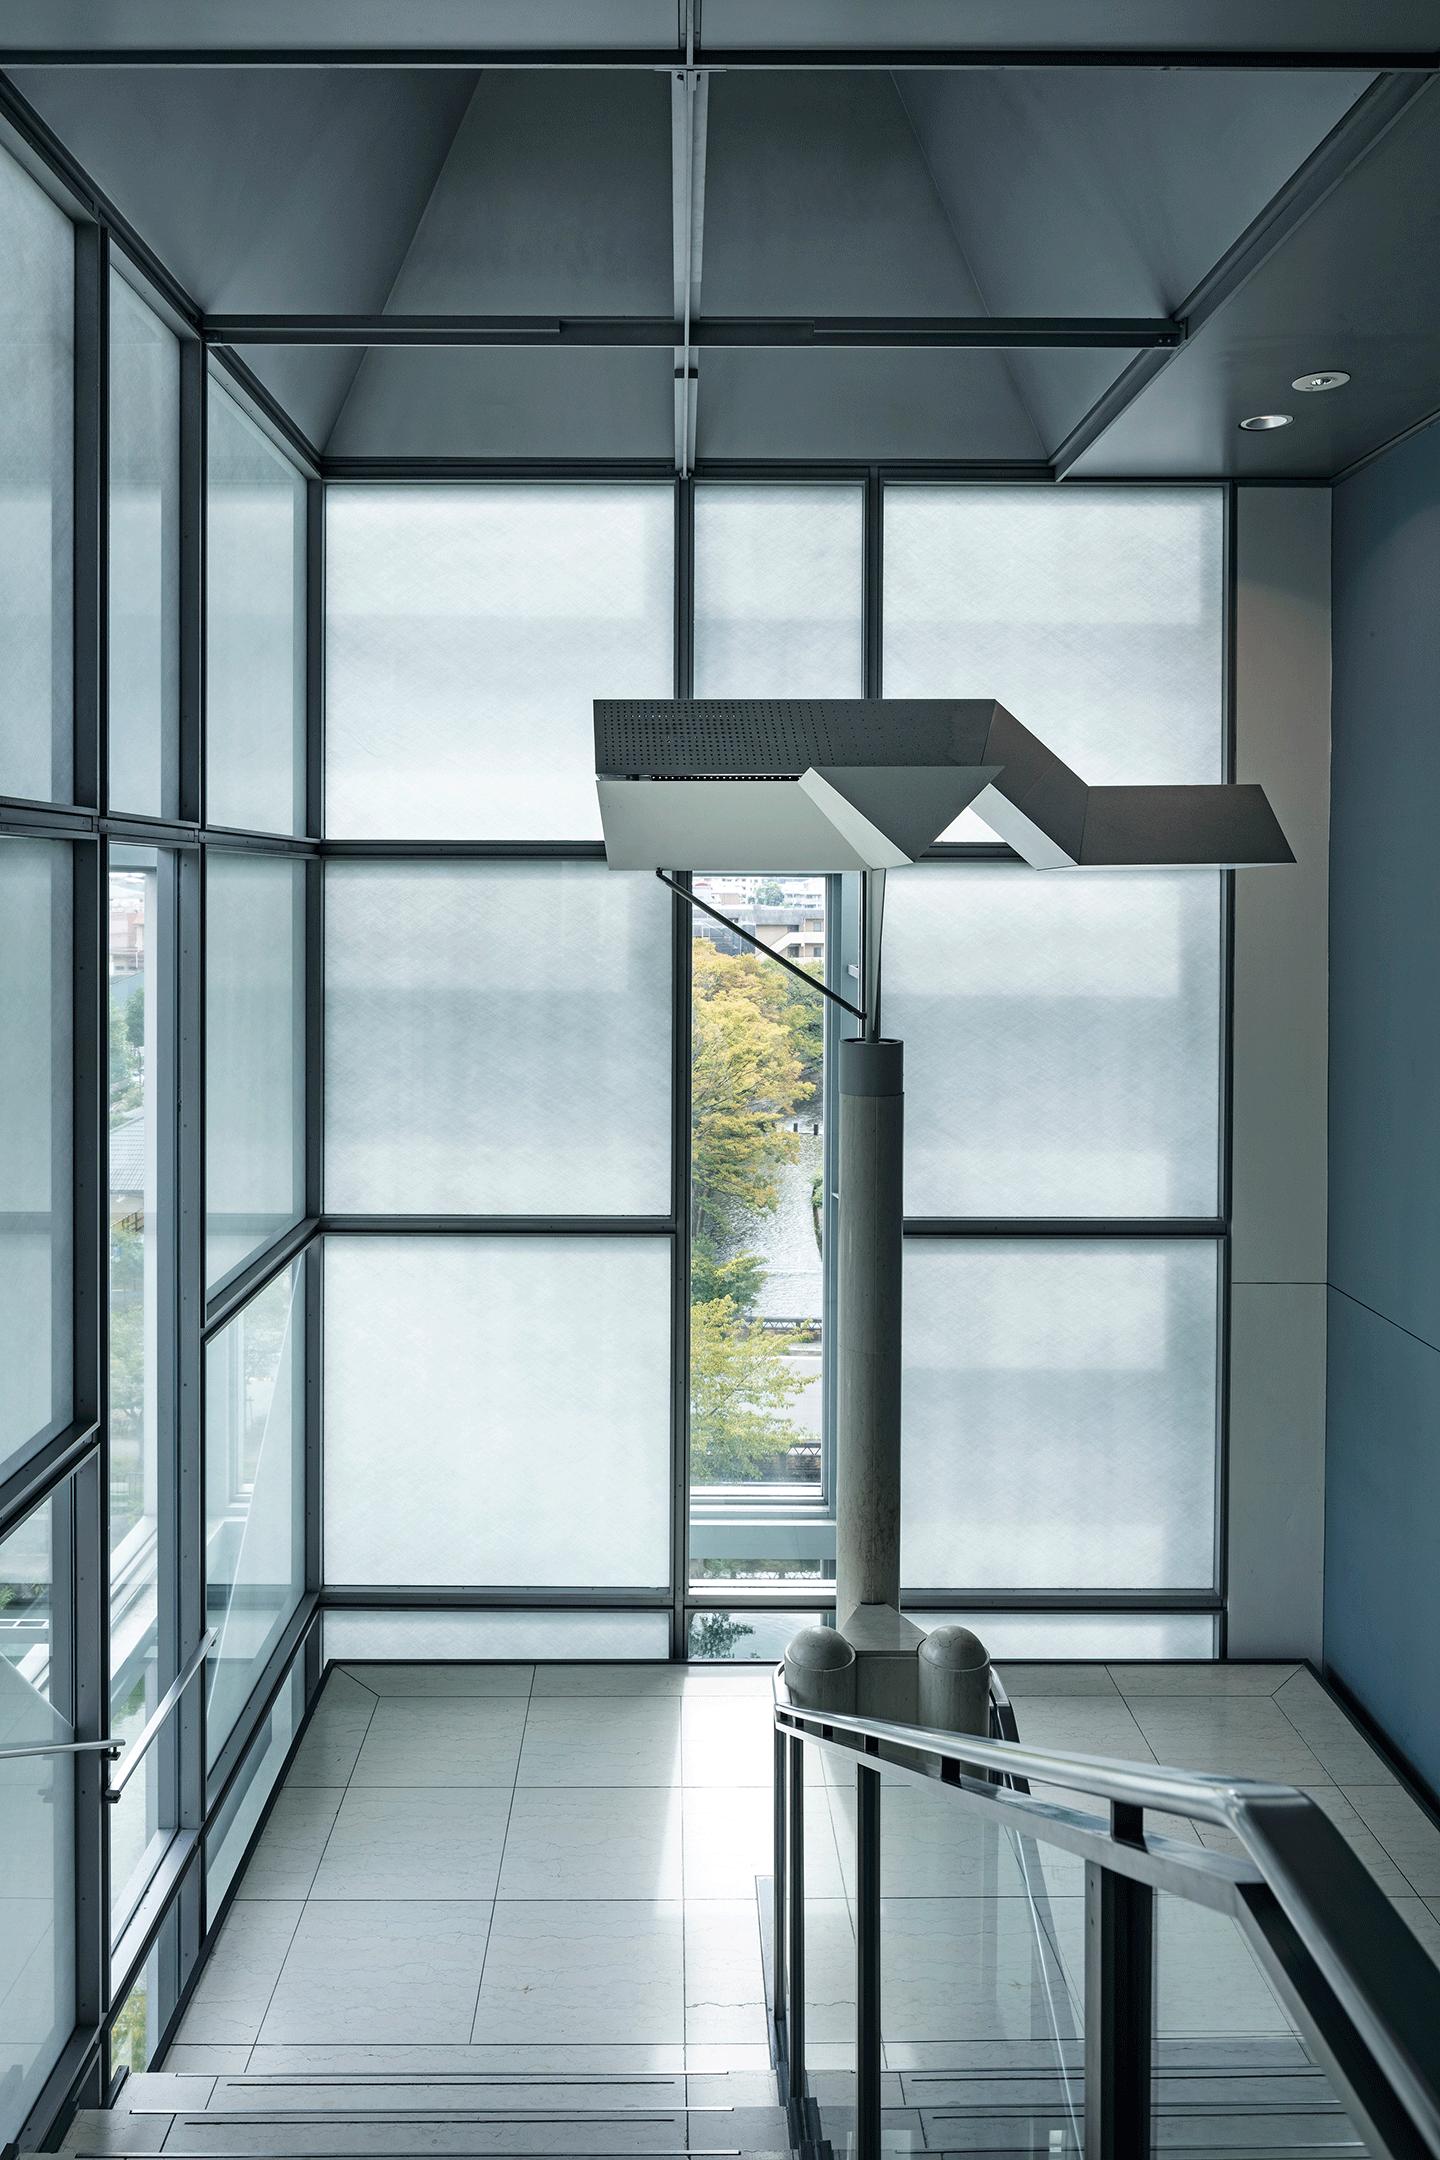 階段室 ガラスのファサード 撮影:長谷川健太